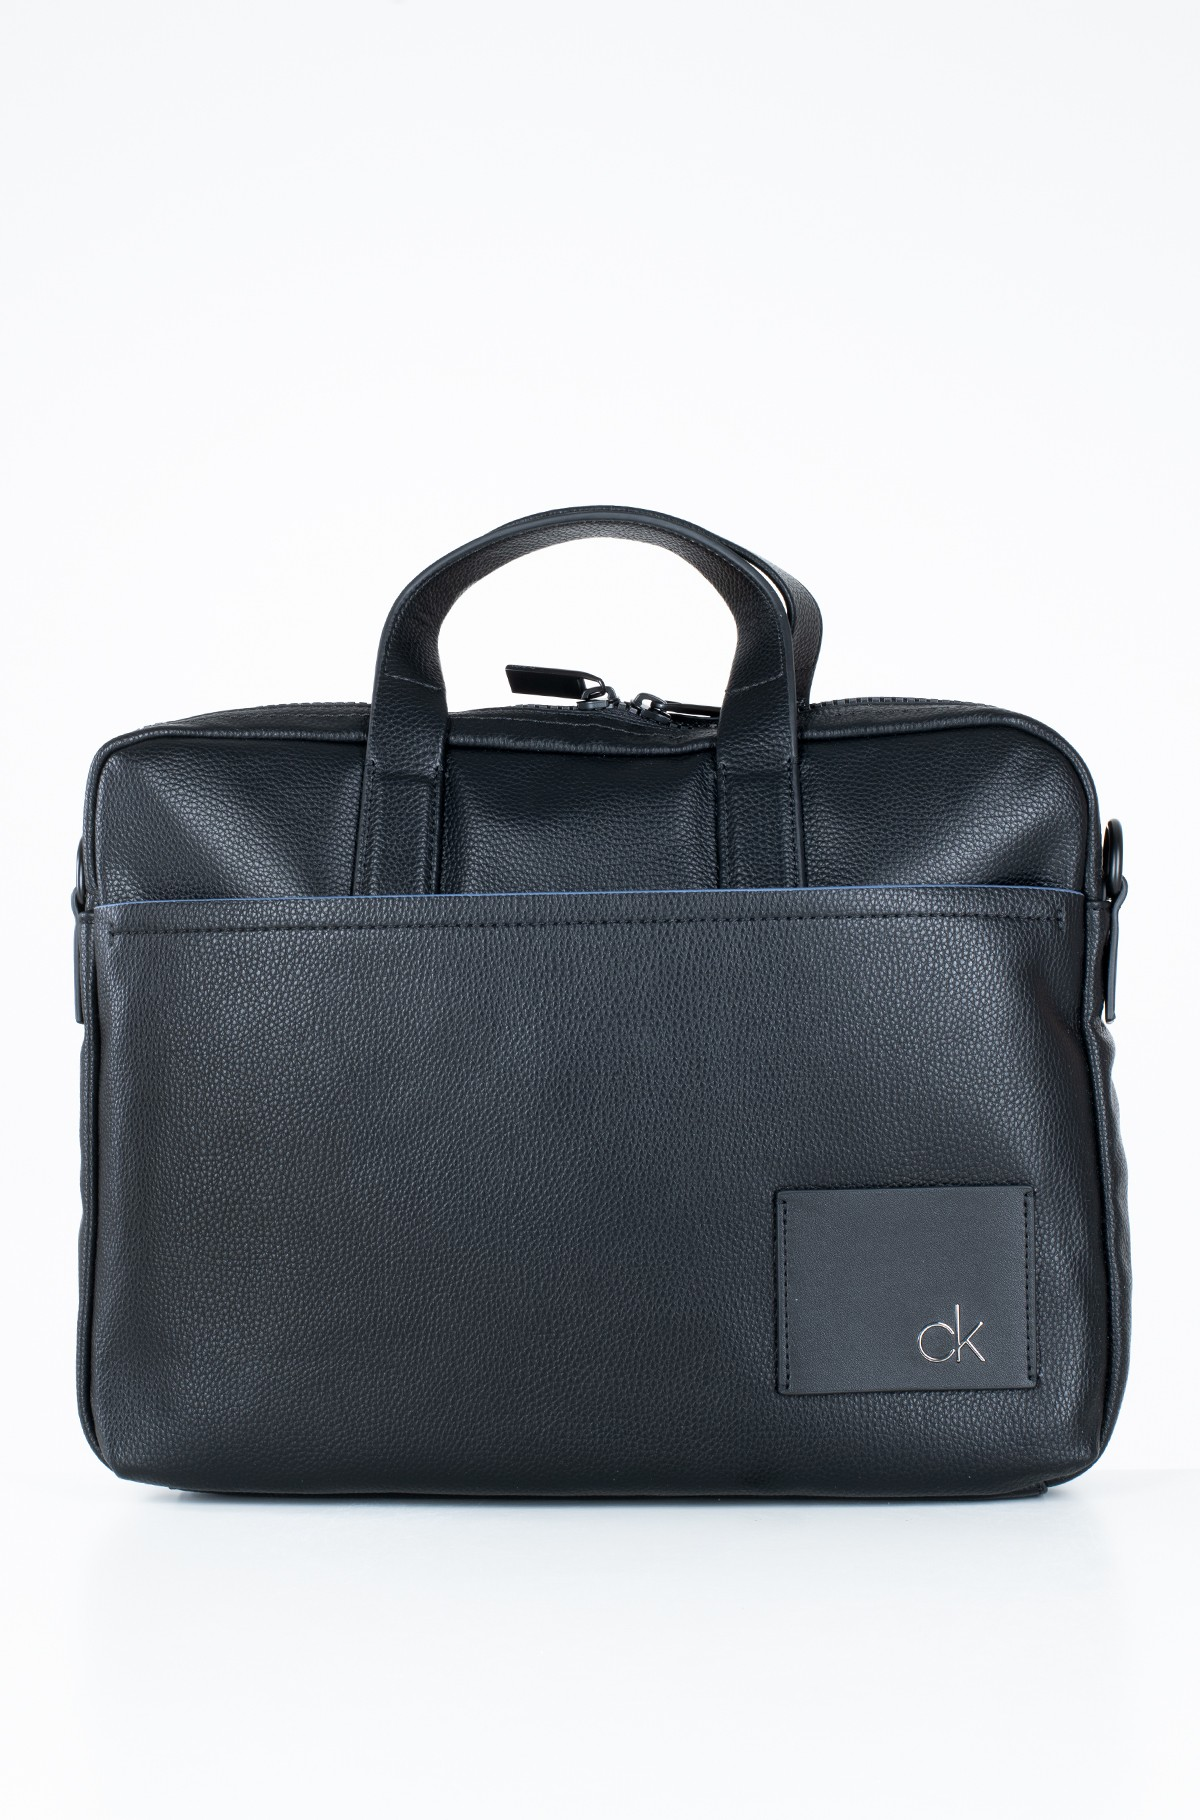 Kompiuterio krepšys  CK DIRECT SLIM LAPTOP BAG-full-1